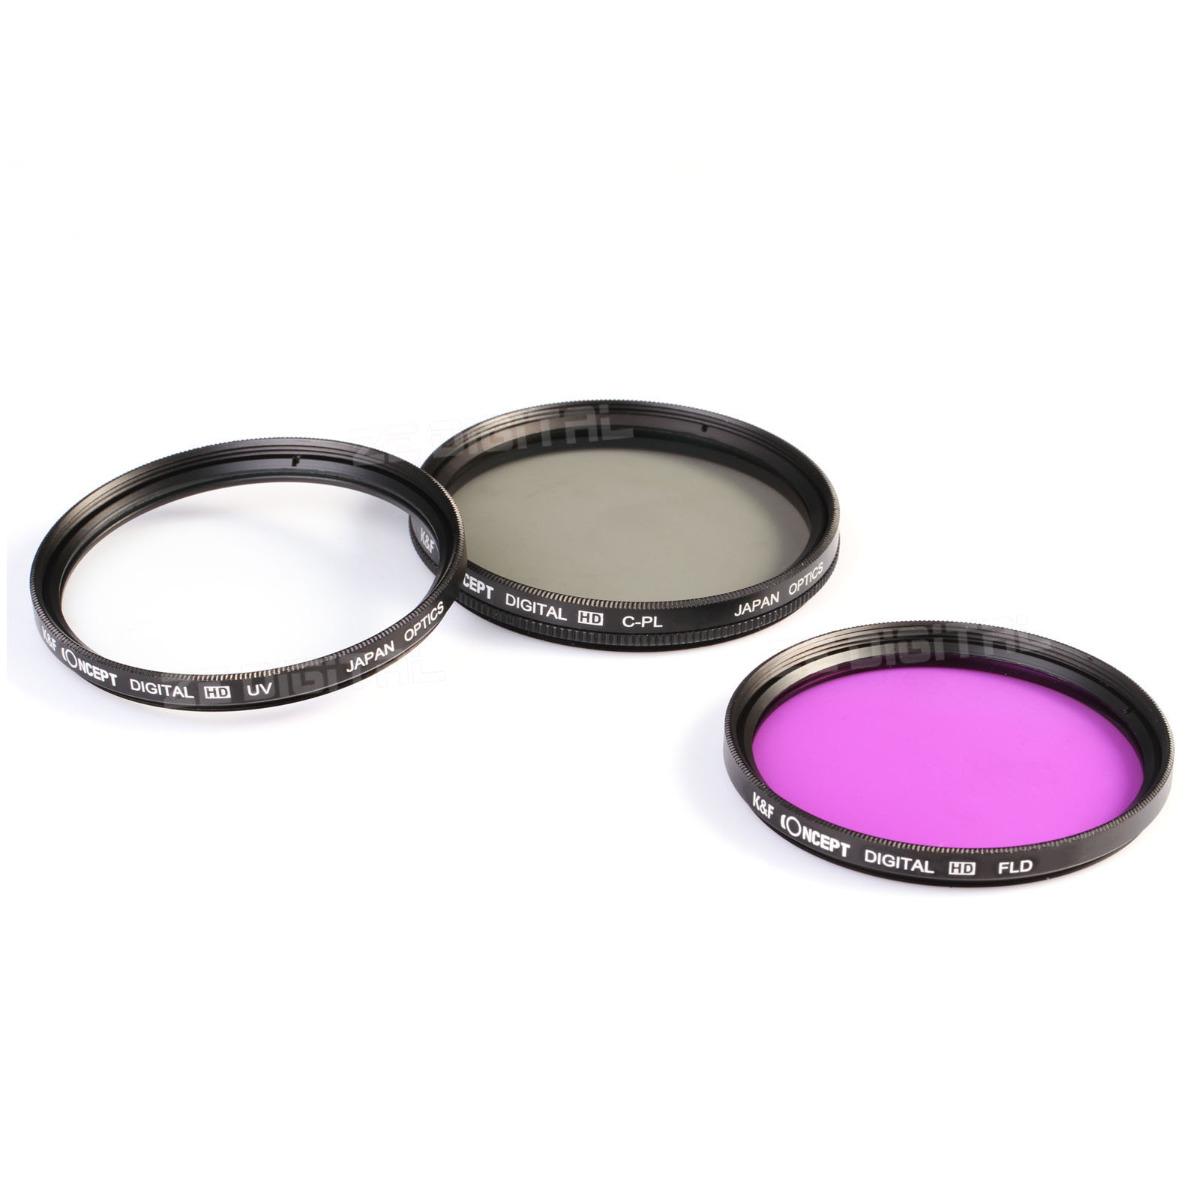 k amp f concept 52mm fld uv cpl polarizing lens filter kit for